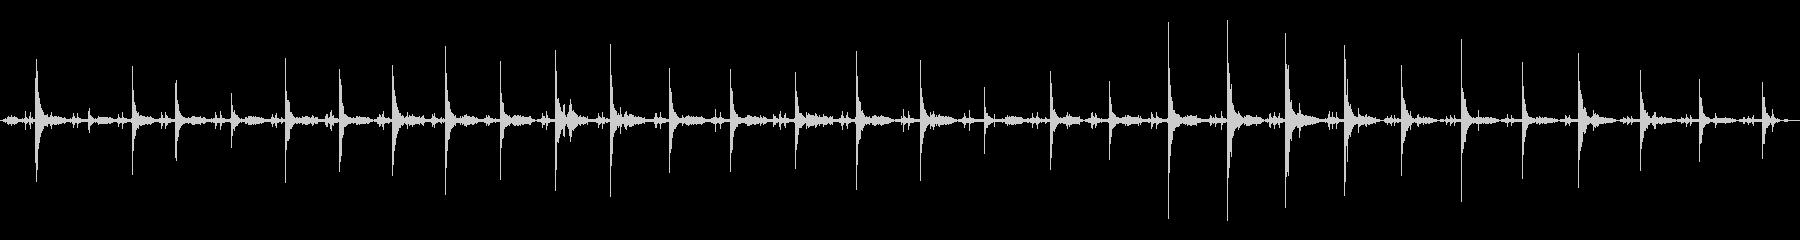 ジム ケーブルマシンプルリリース高...の未再生の波形